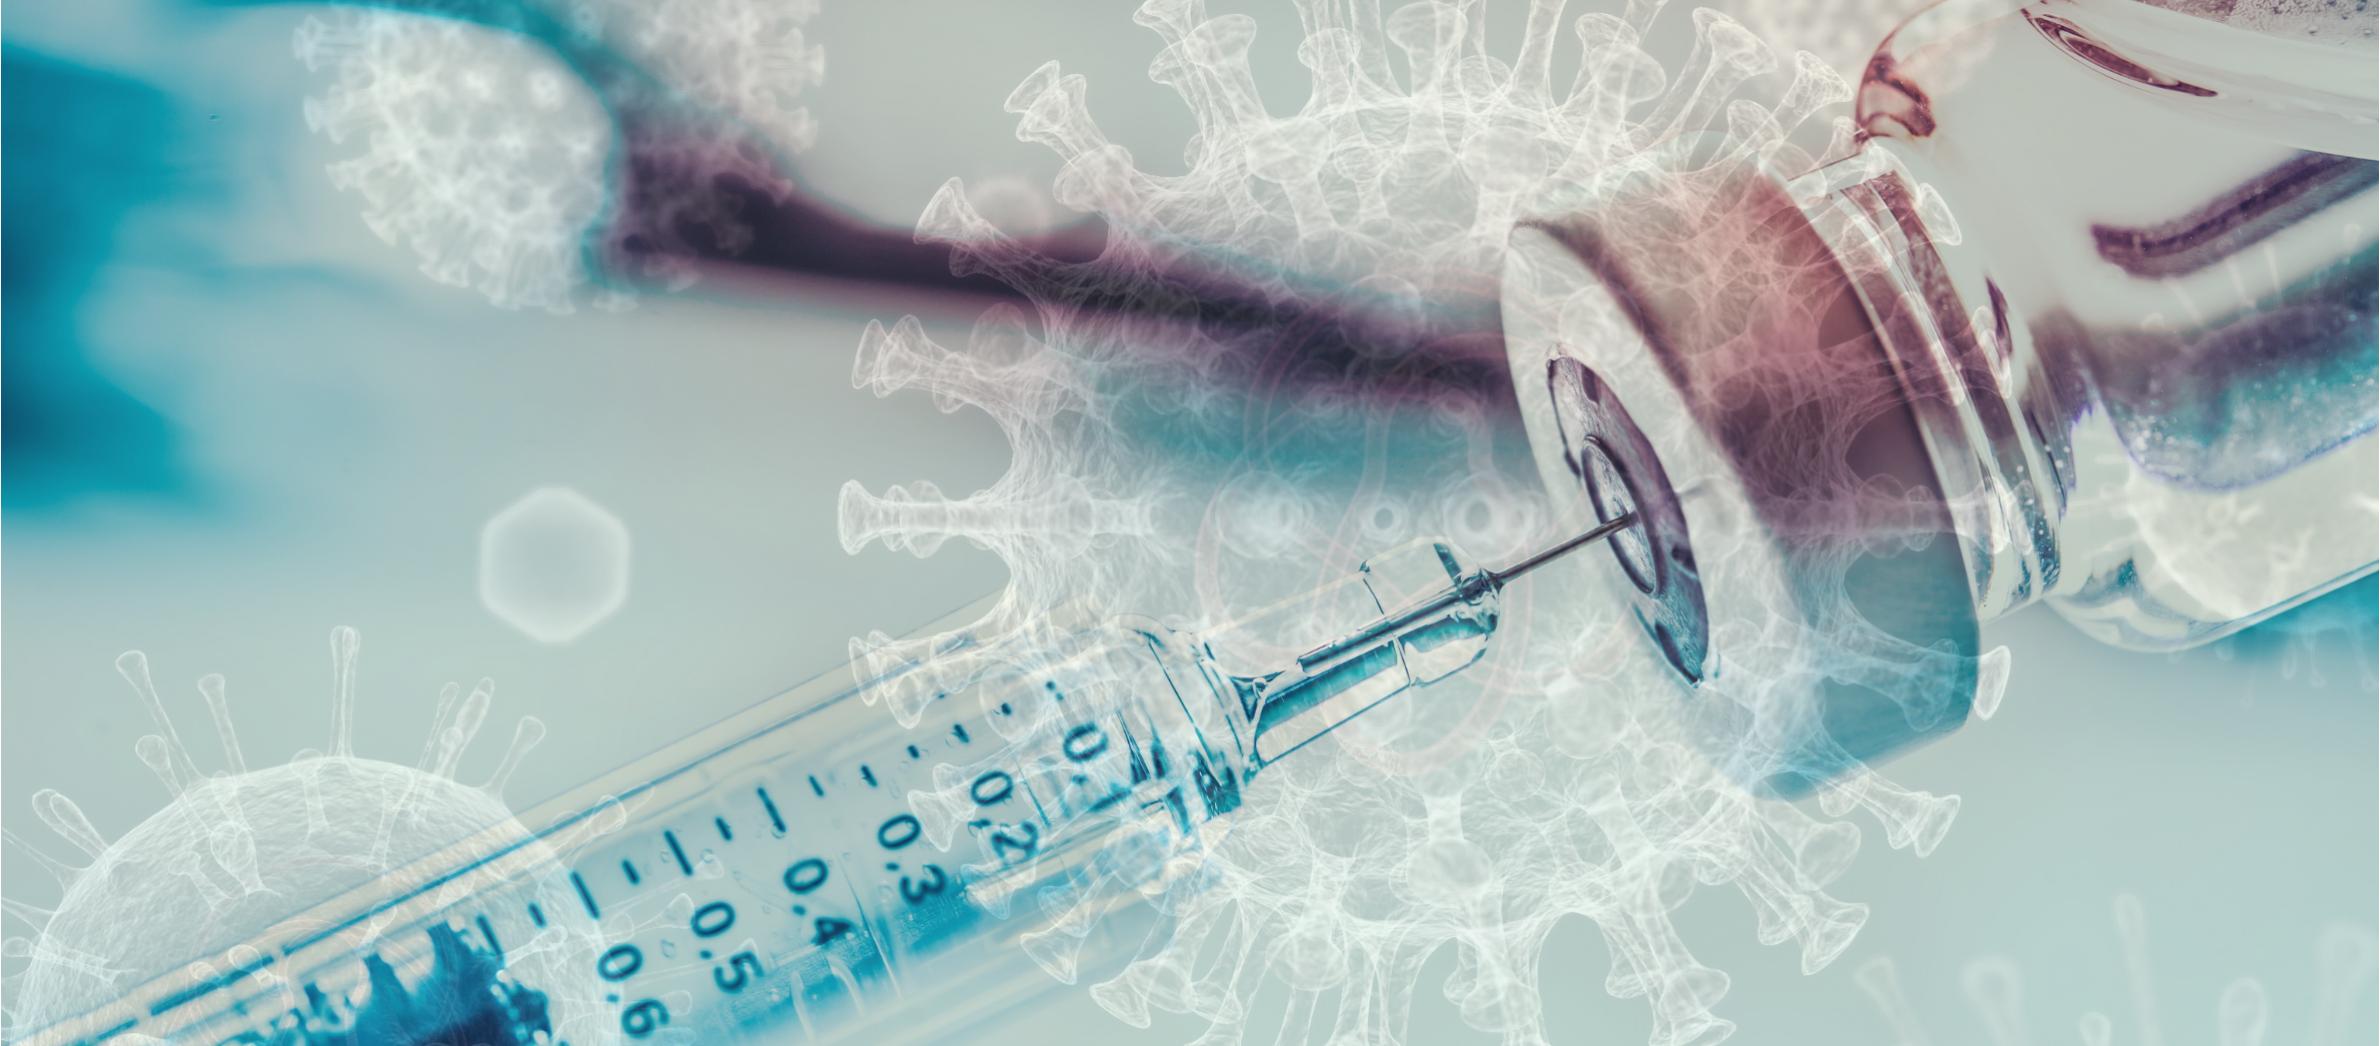 mRNA Impfstoff aus dem Reinraum gegen Corona